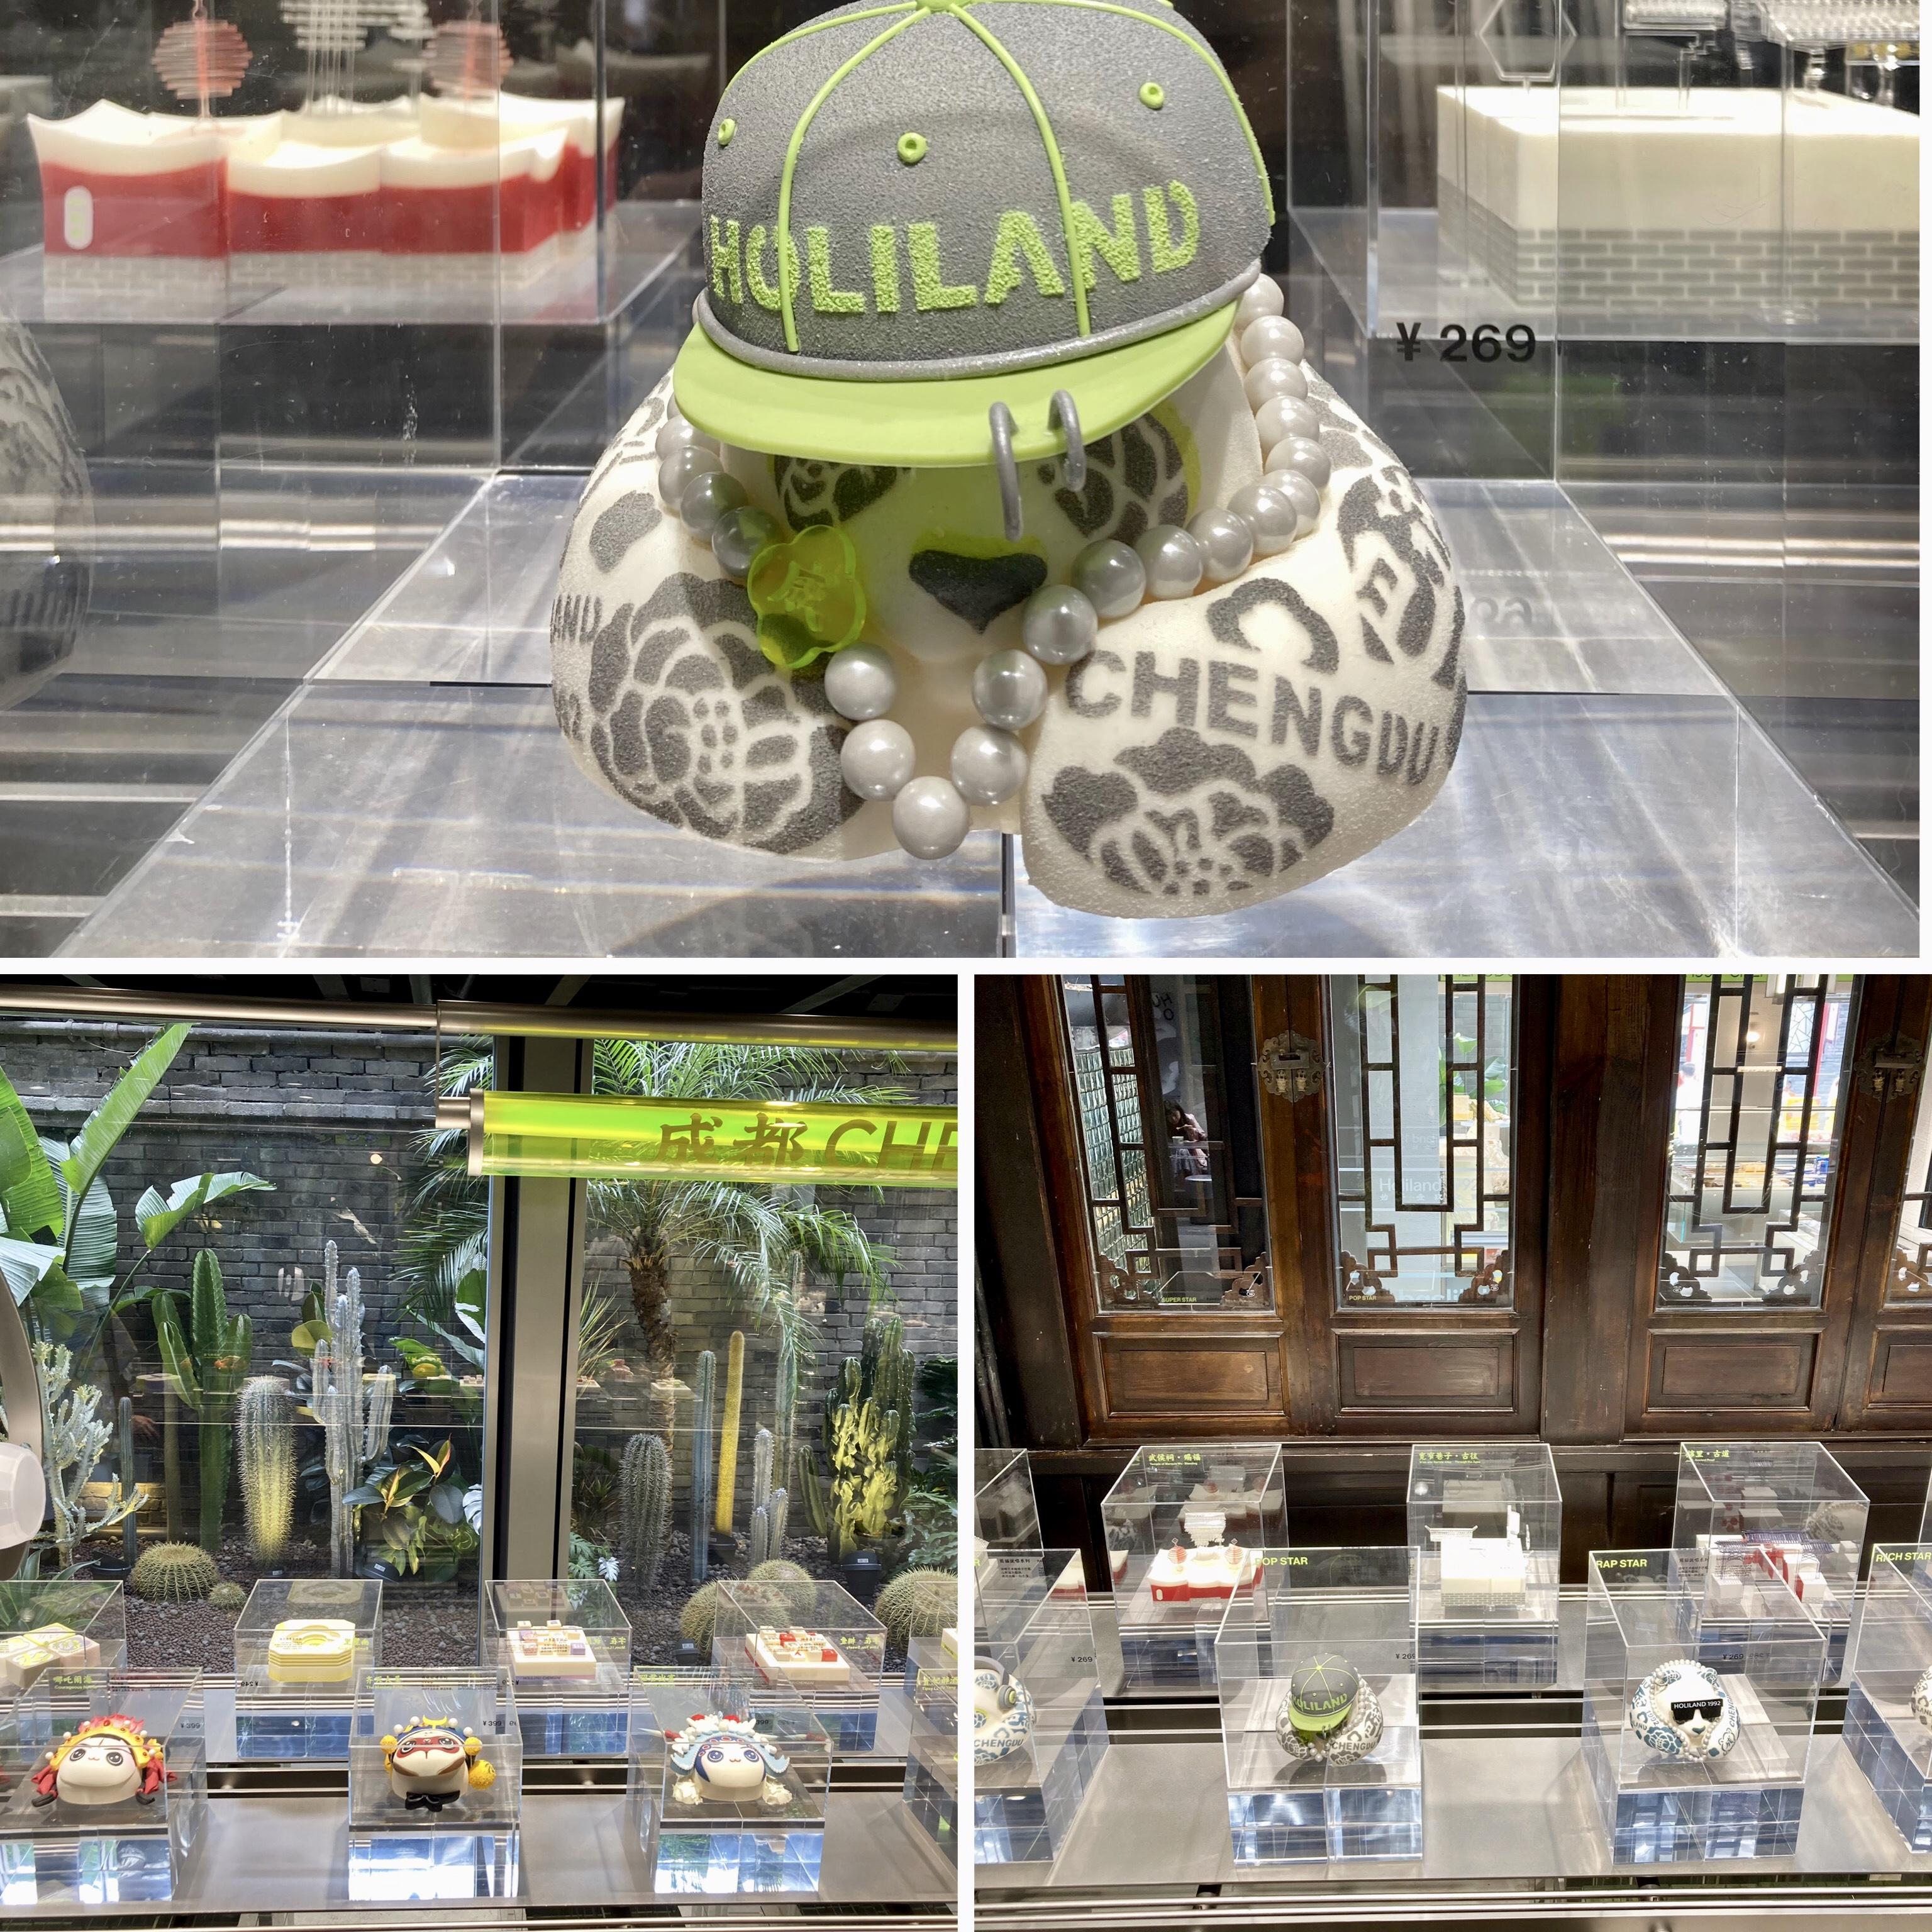 """E o salão da loja conceito, nos surpreende, novas """"exposições"""", novas propostas de bolos em formatos ainda mais inusitados, ainda mais perfeitos, ricos em detalhes!"""